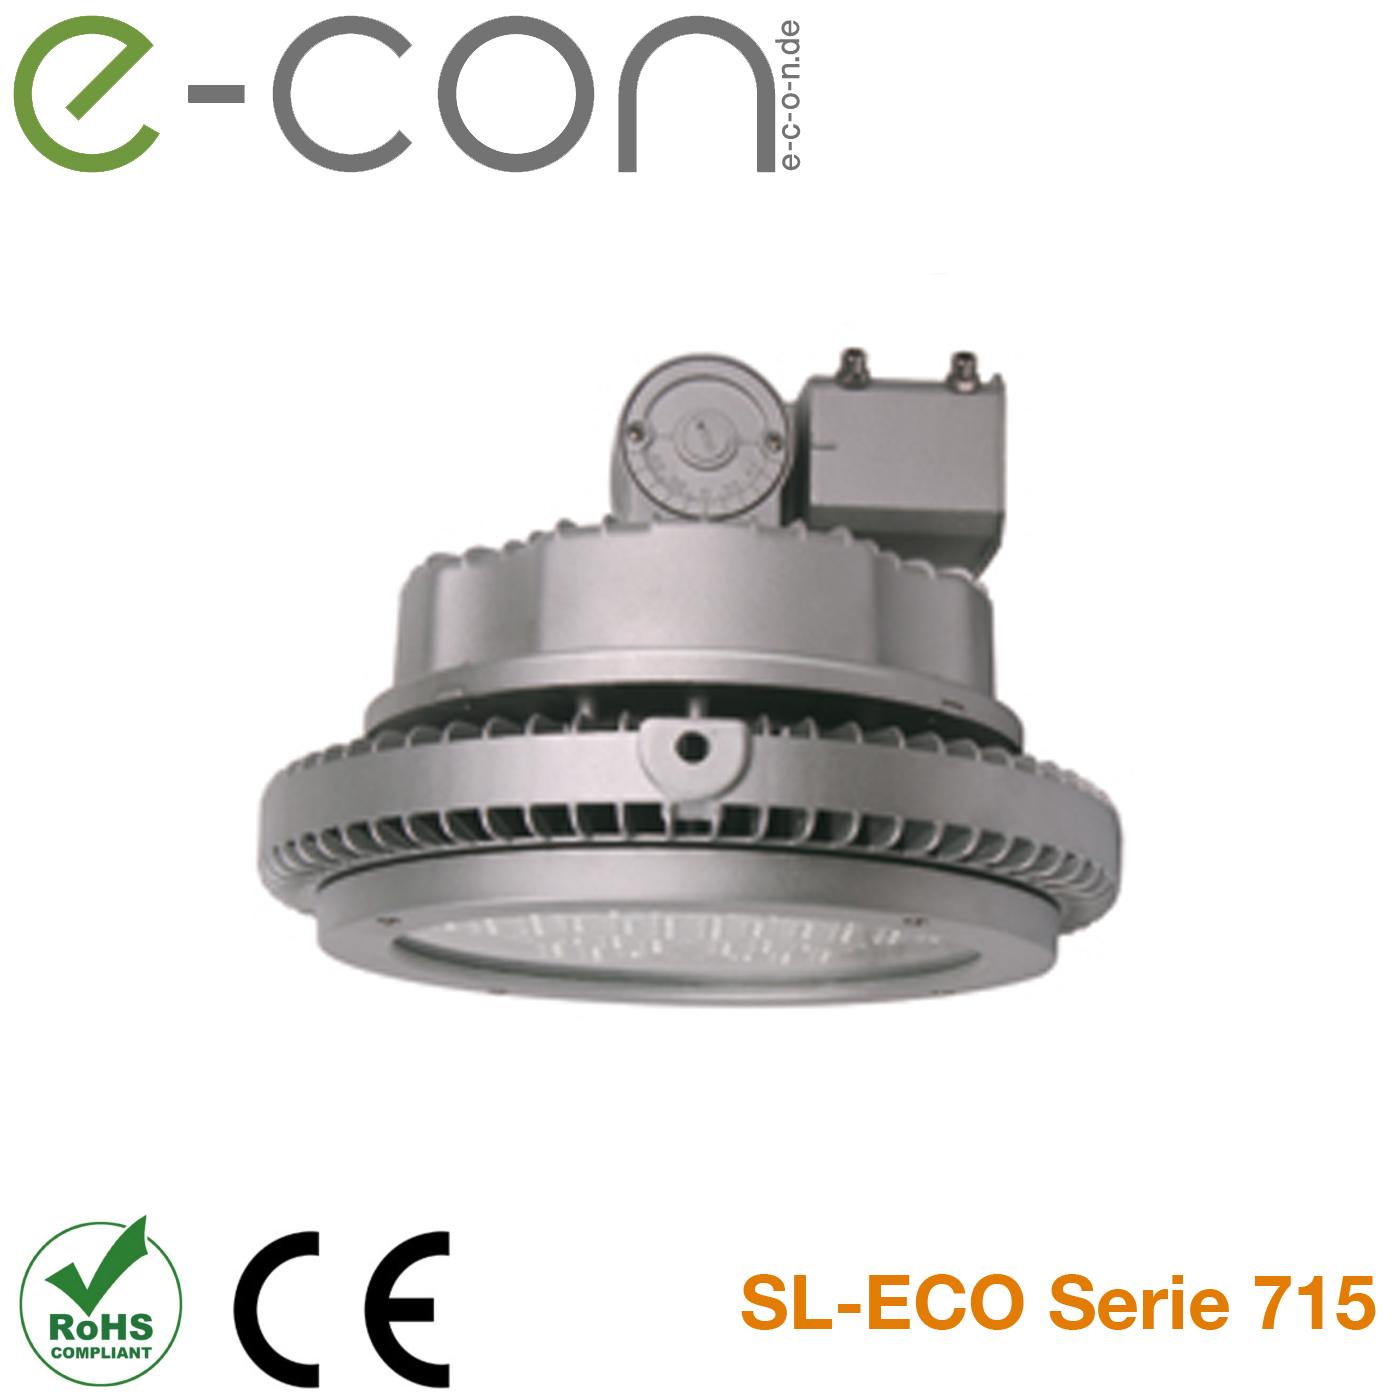 SL-ECO Serie 715